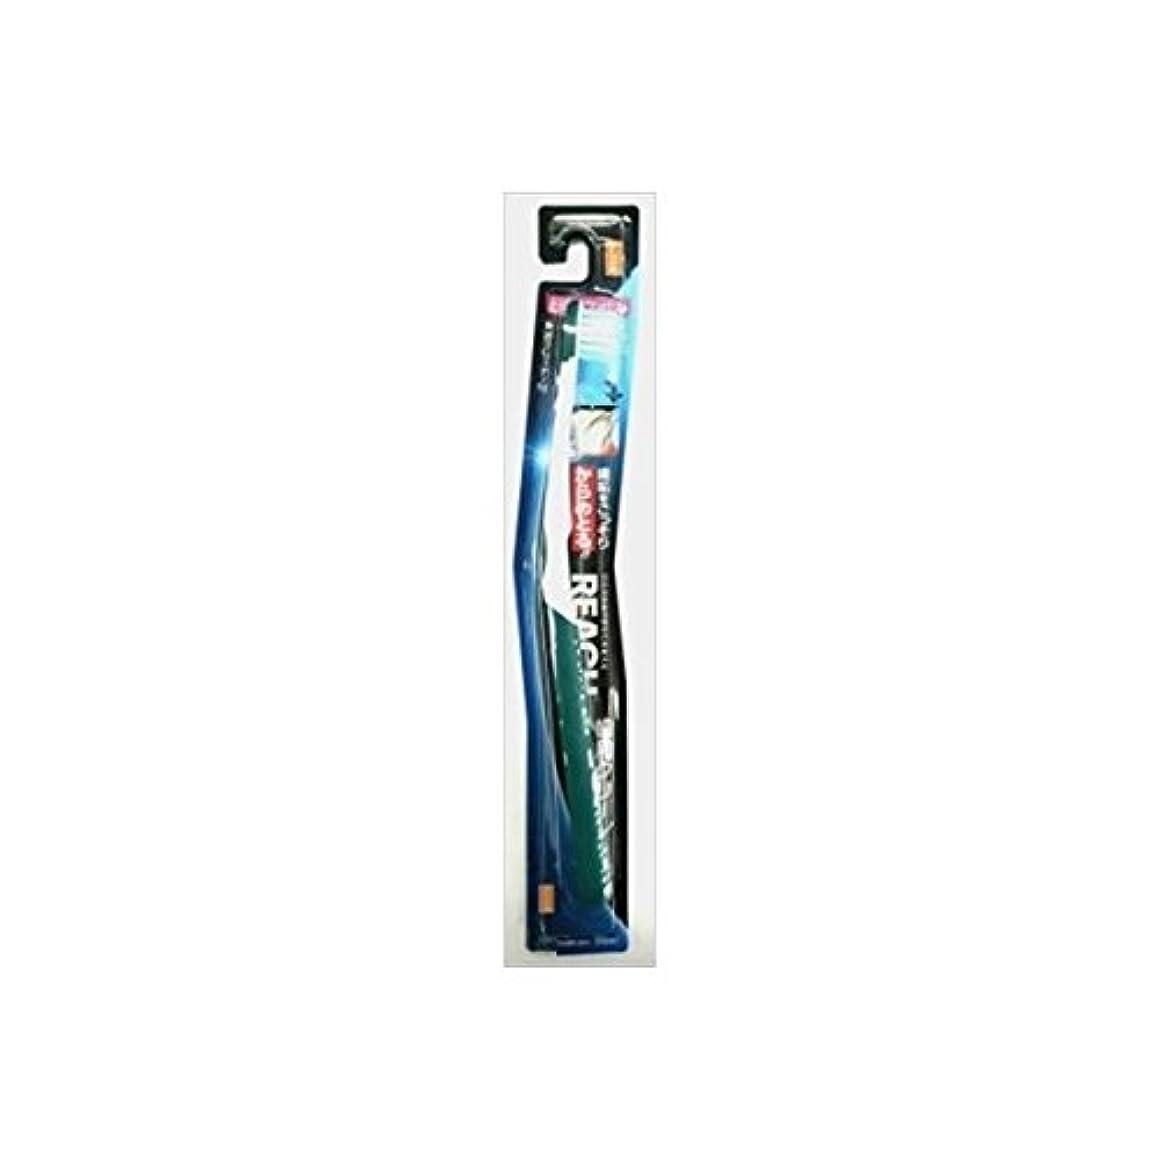 グレークロール補償銀座ステファニー リーチ 歯周クリーン とってもコンパクト やわらかめ × 5 点セット ds-2001351